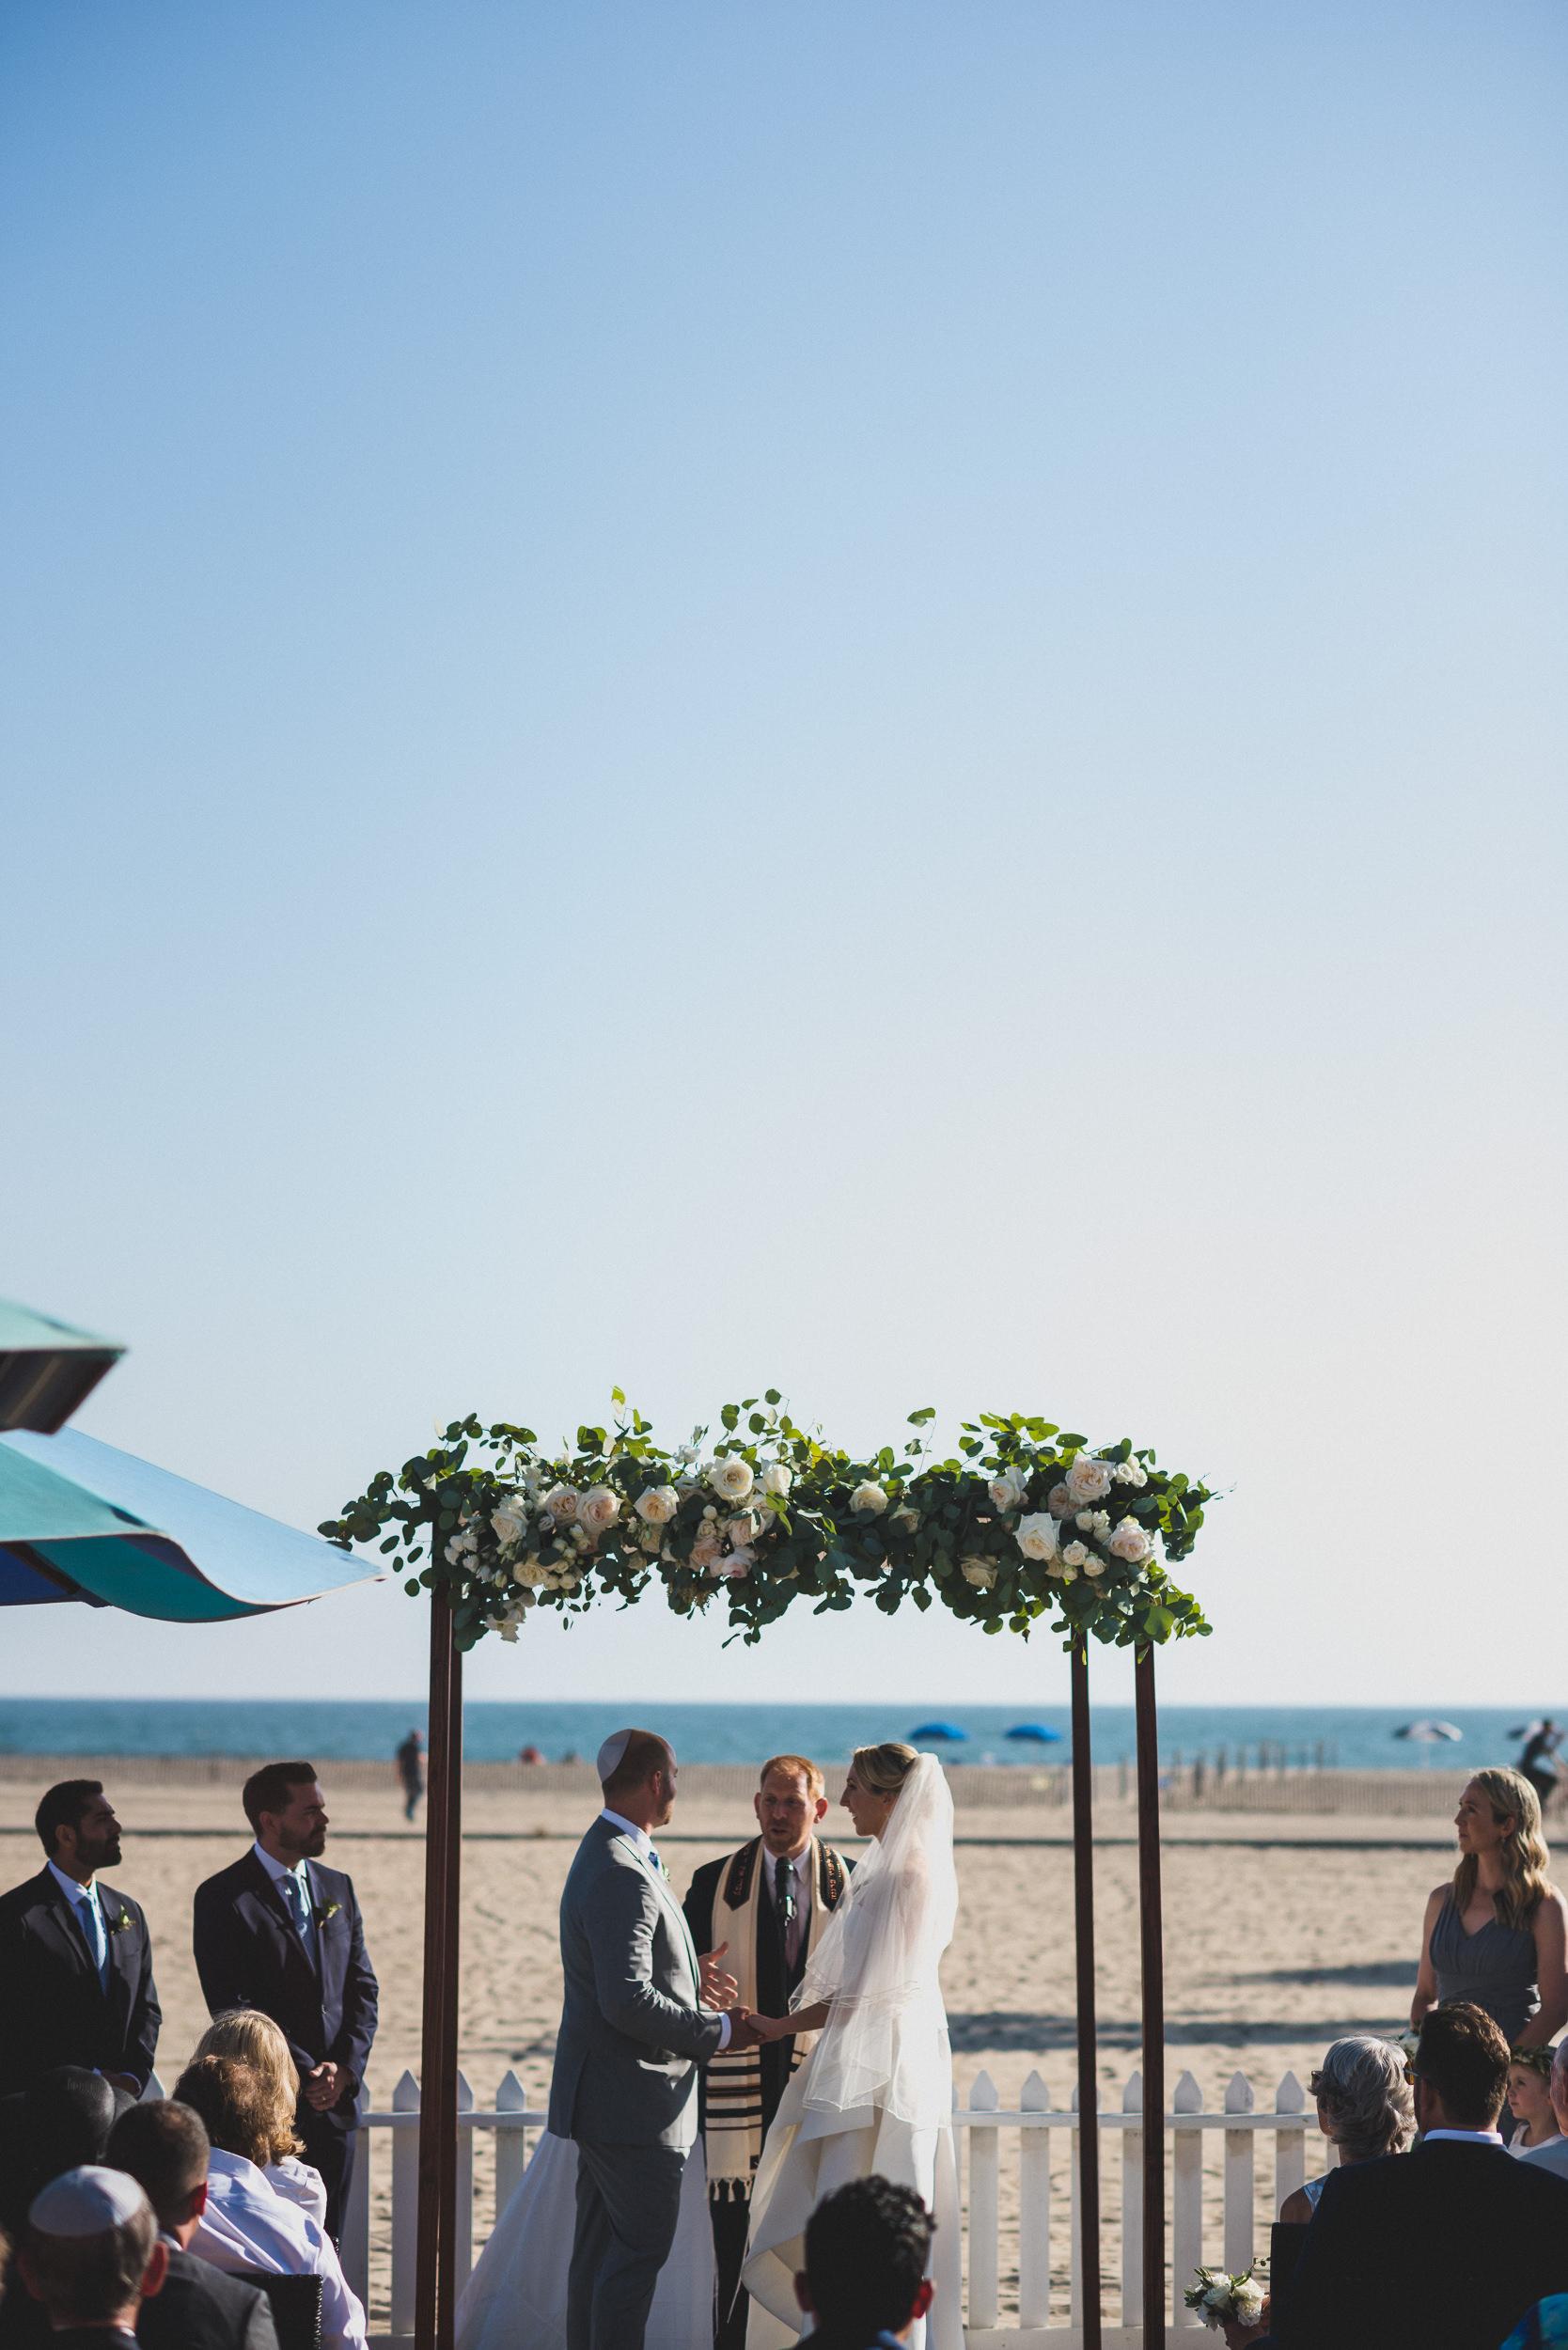 sA+B - The Beach Club - Santa Monica CA - 05 Ceremony-44.jpg